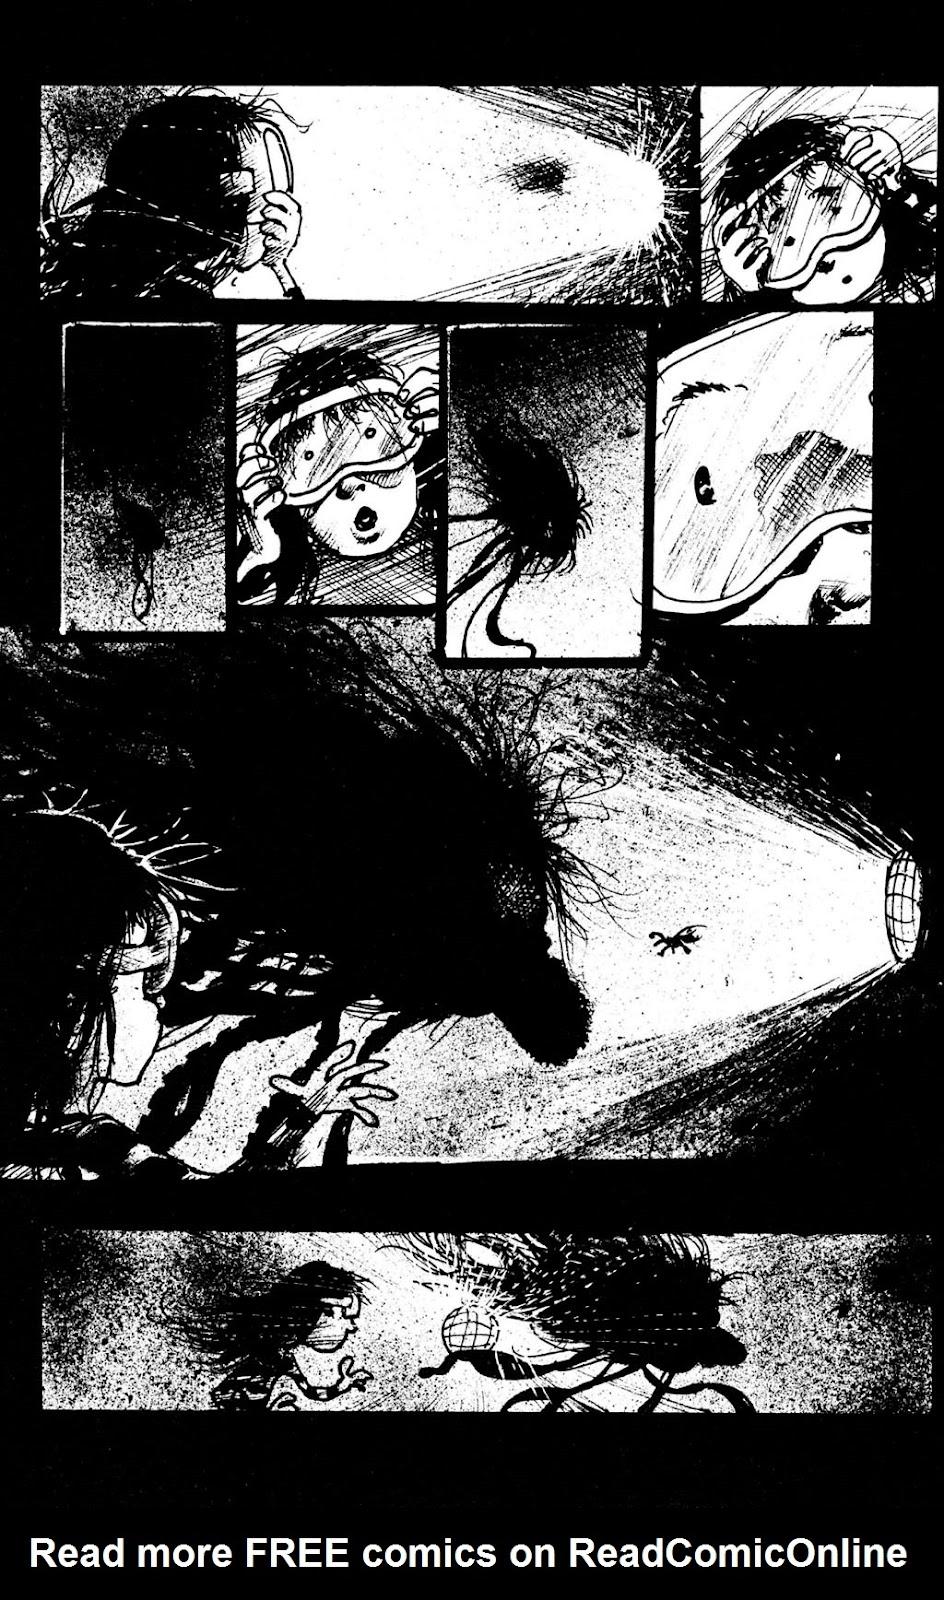 Read online Ojo comic -  Issue #4 - 12